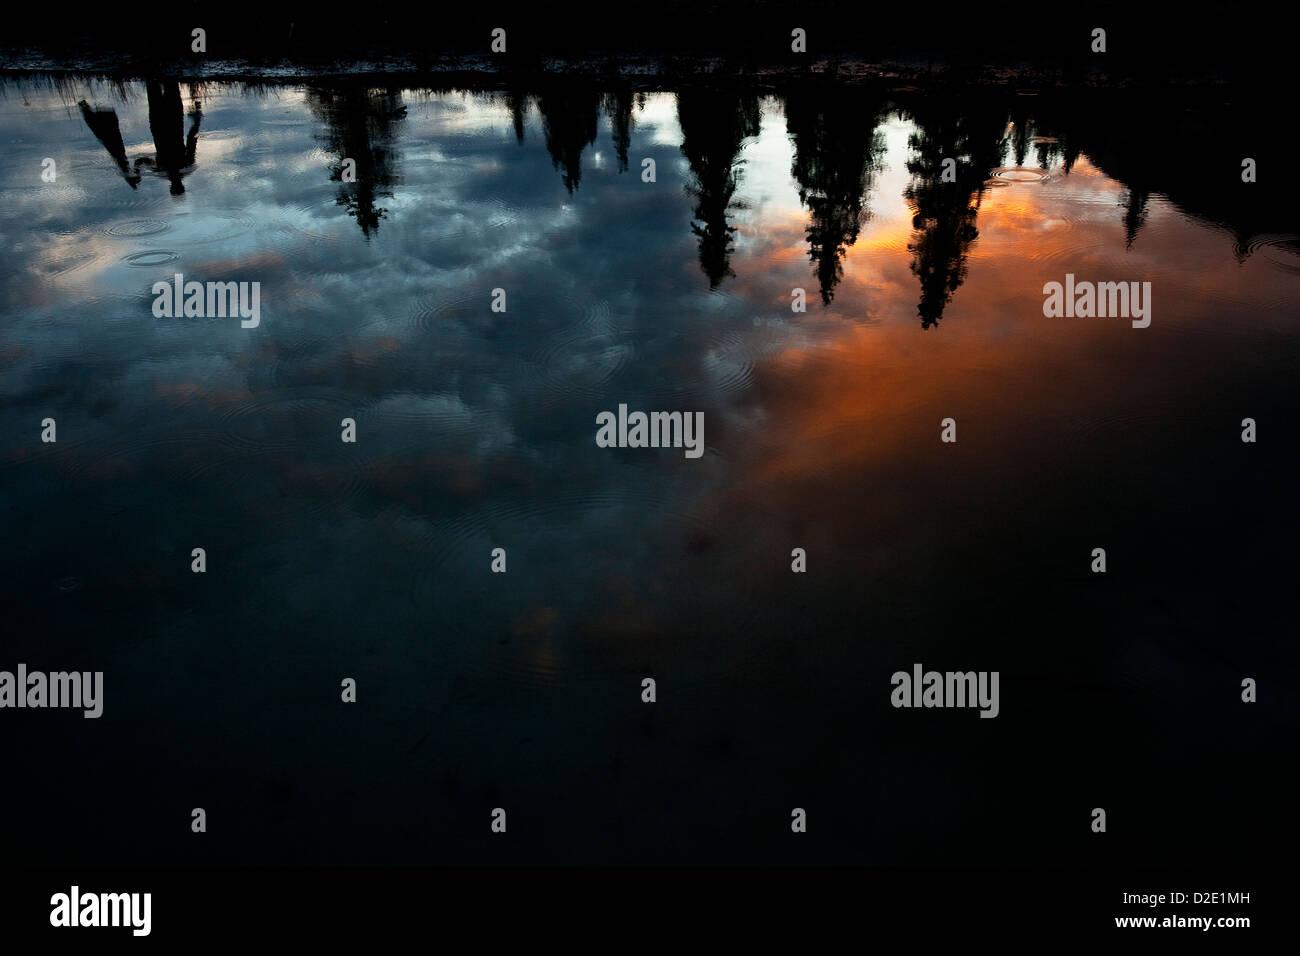 Ein Mann kopfüber in einen See mit bunten Wolken und Regentropfen reflektiert. Stockbild